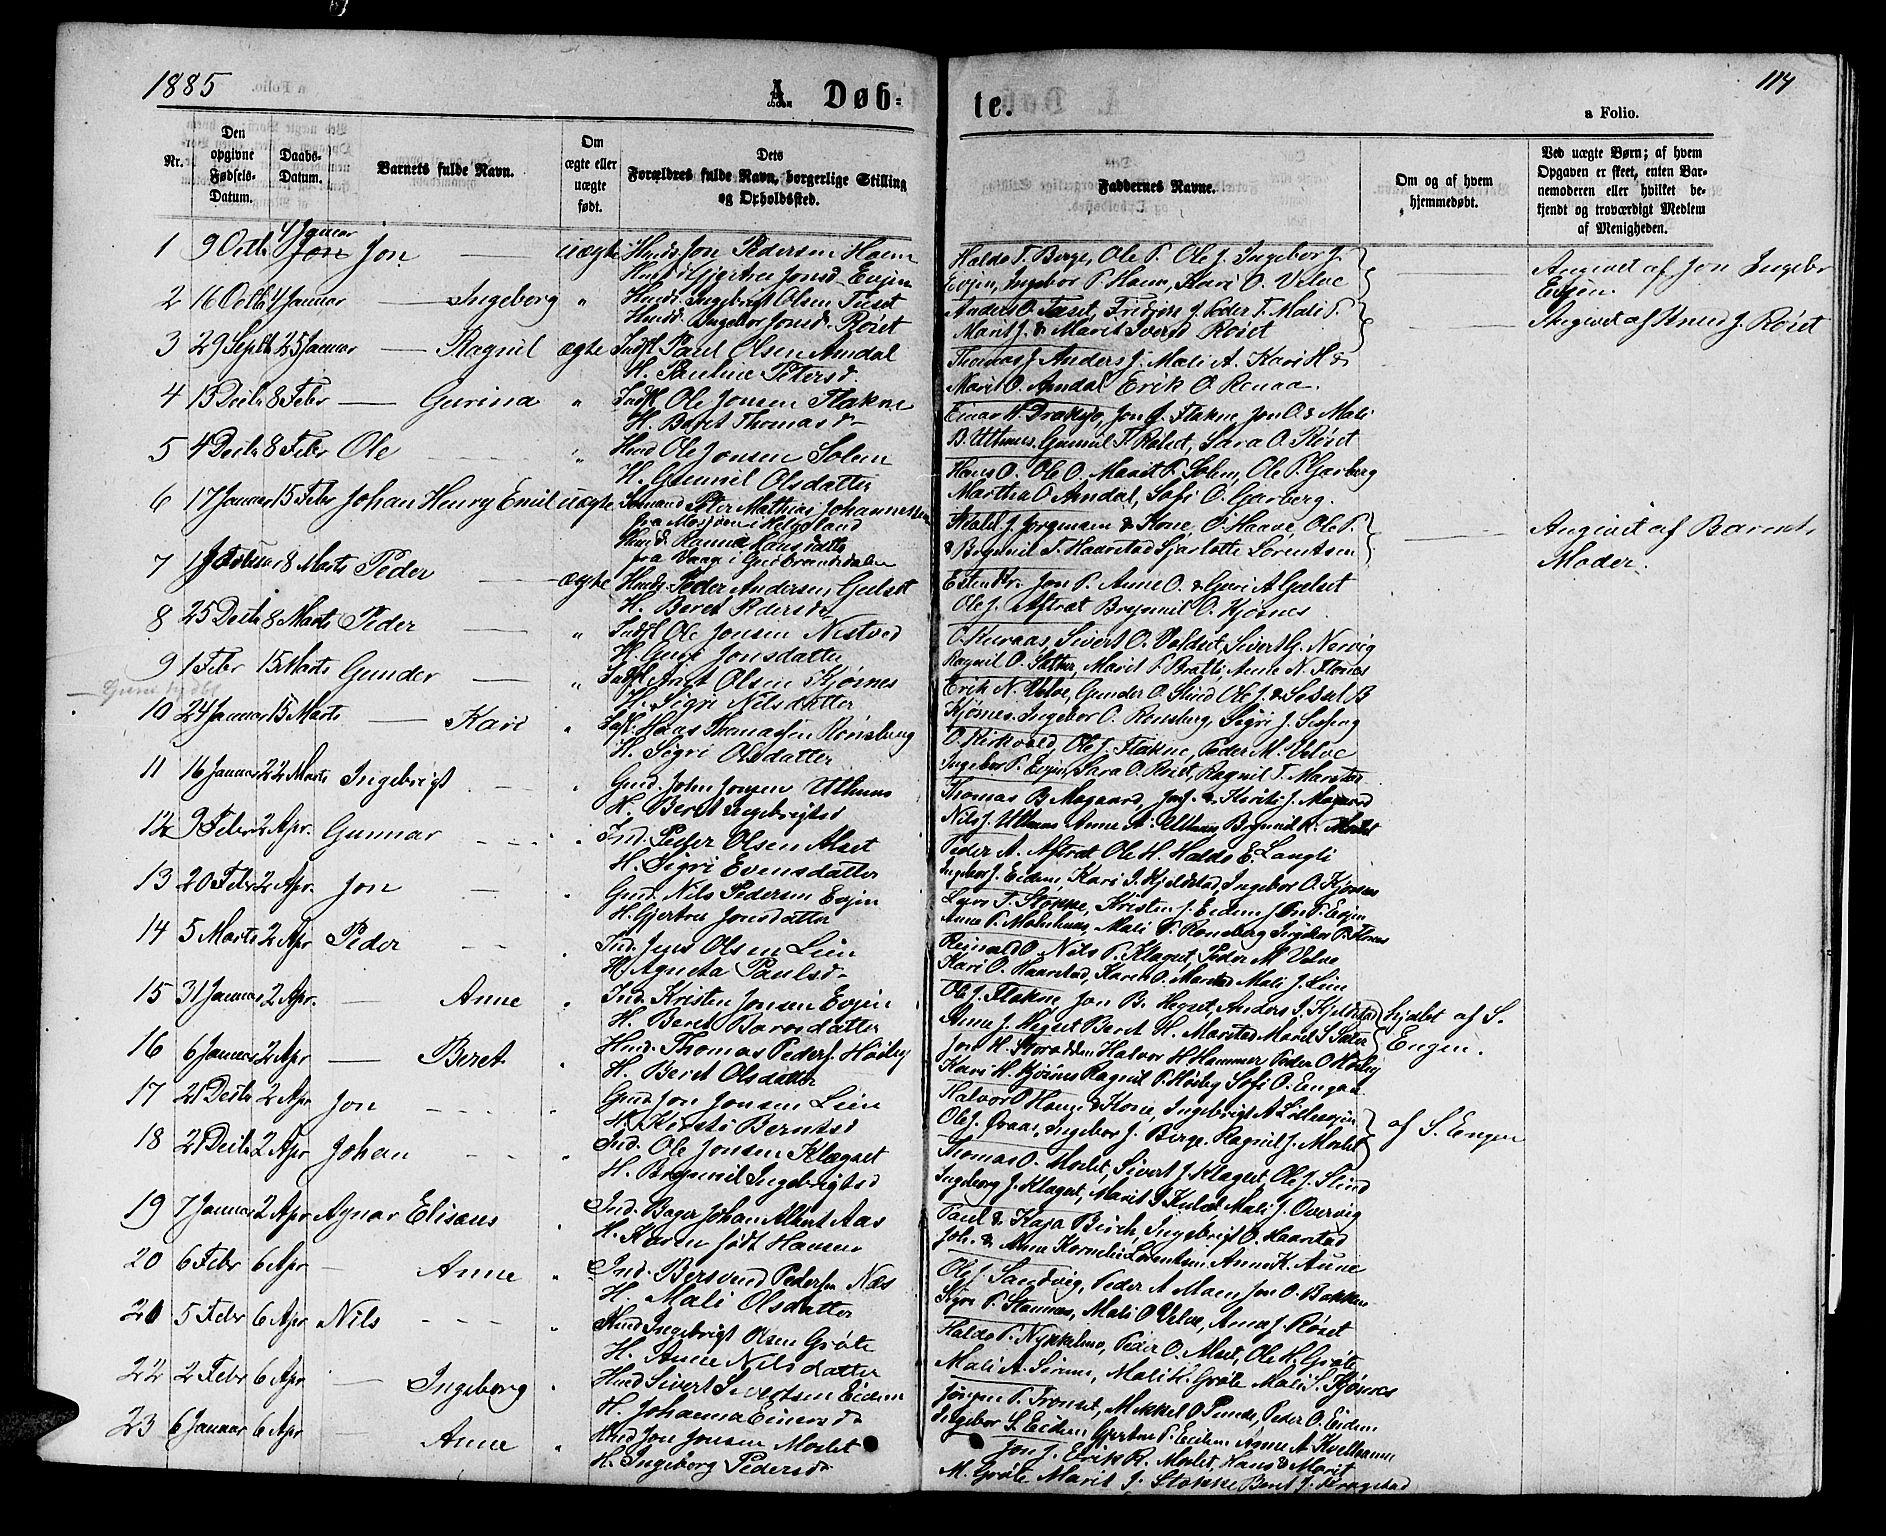 SAT, Ministerialprotokoller, klokkerbøker og fødselsregistre - Sør-Trøndelag, 695/L1156: Klokkerbok nr. 695C07, 1869-1888, s. 114